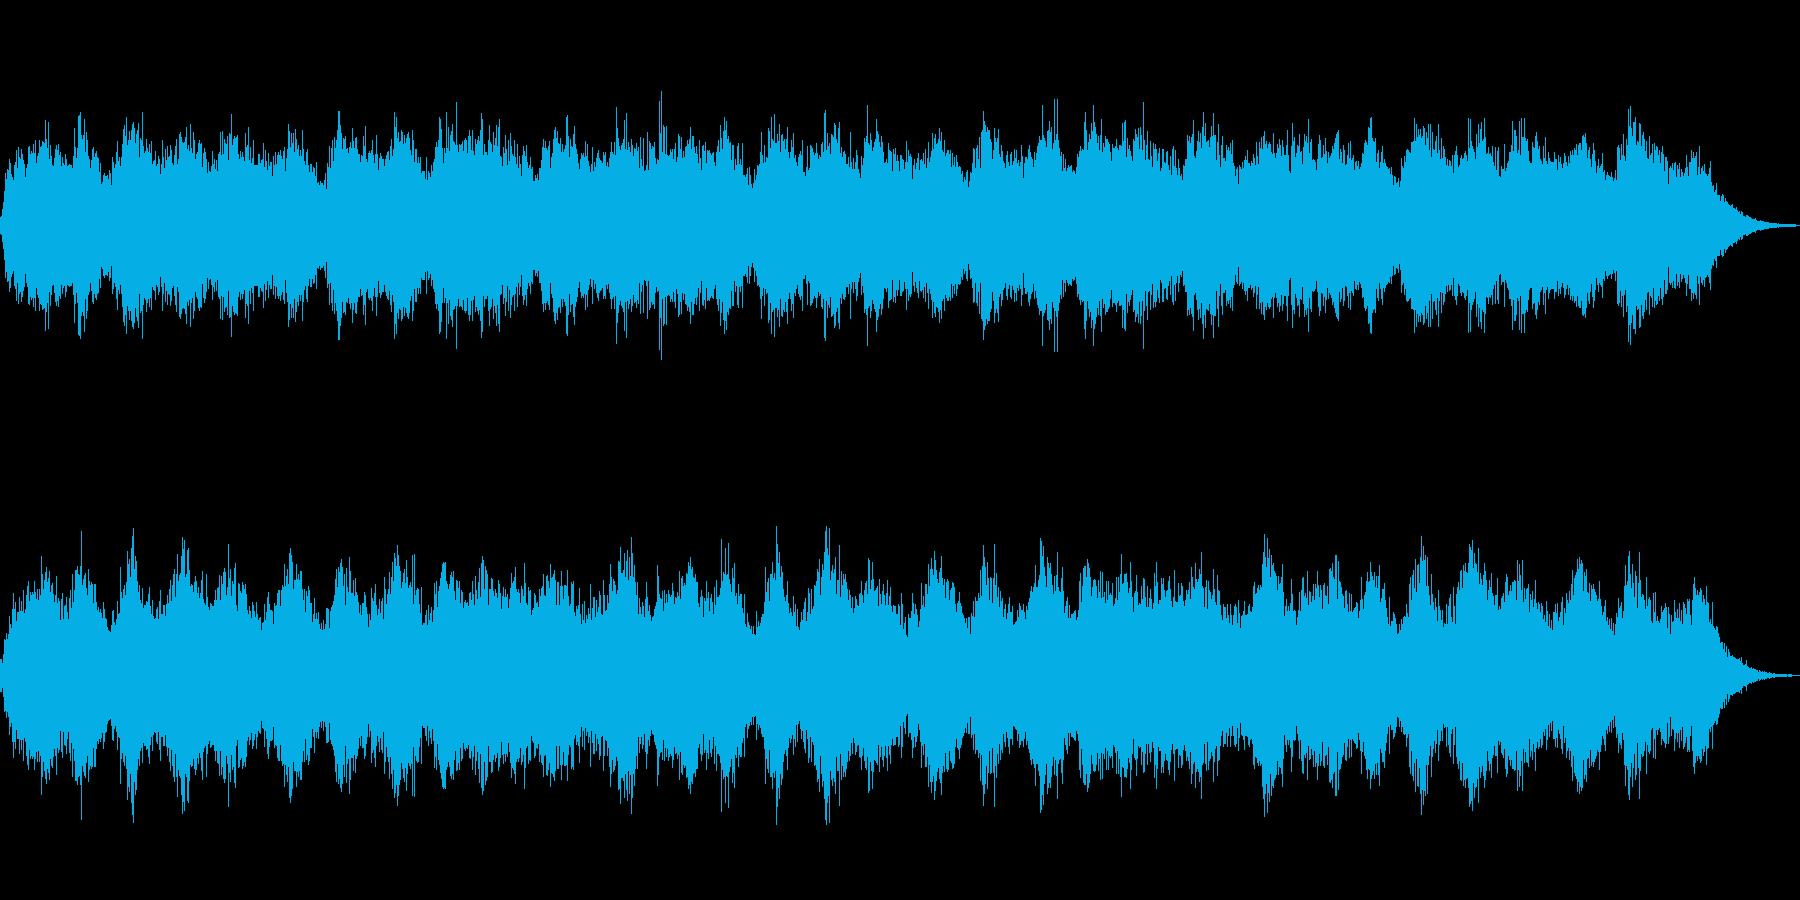 ダークアンビエントの再生済みの波形